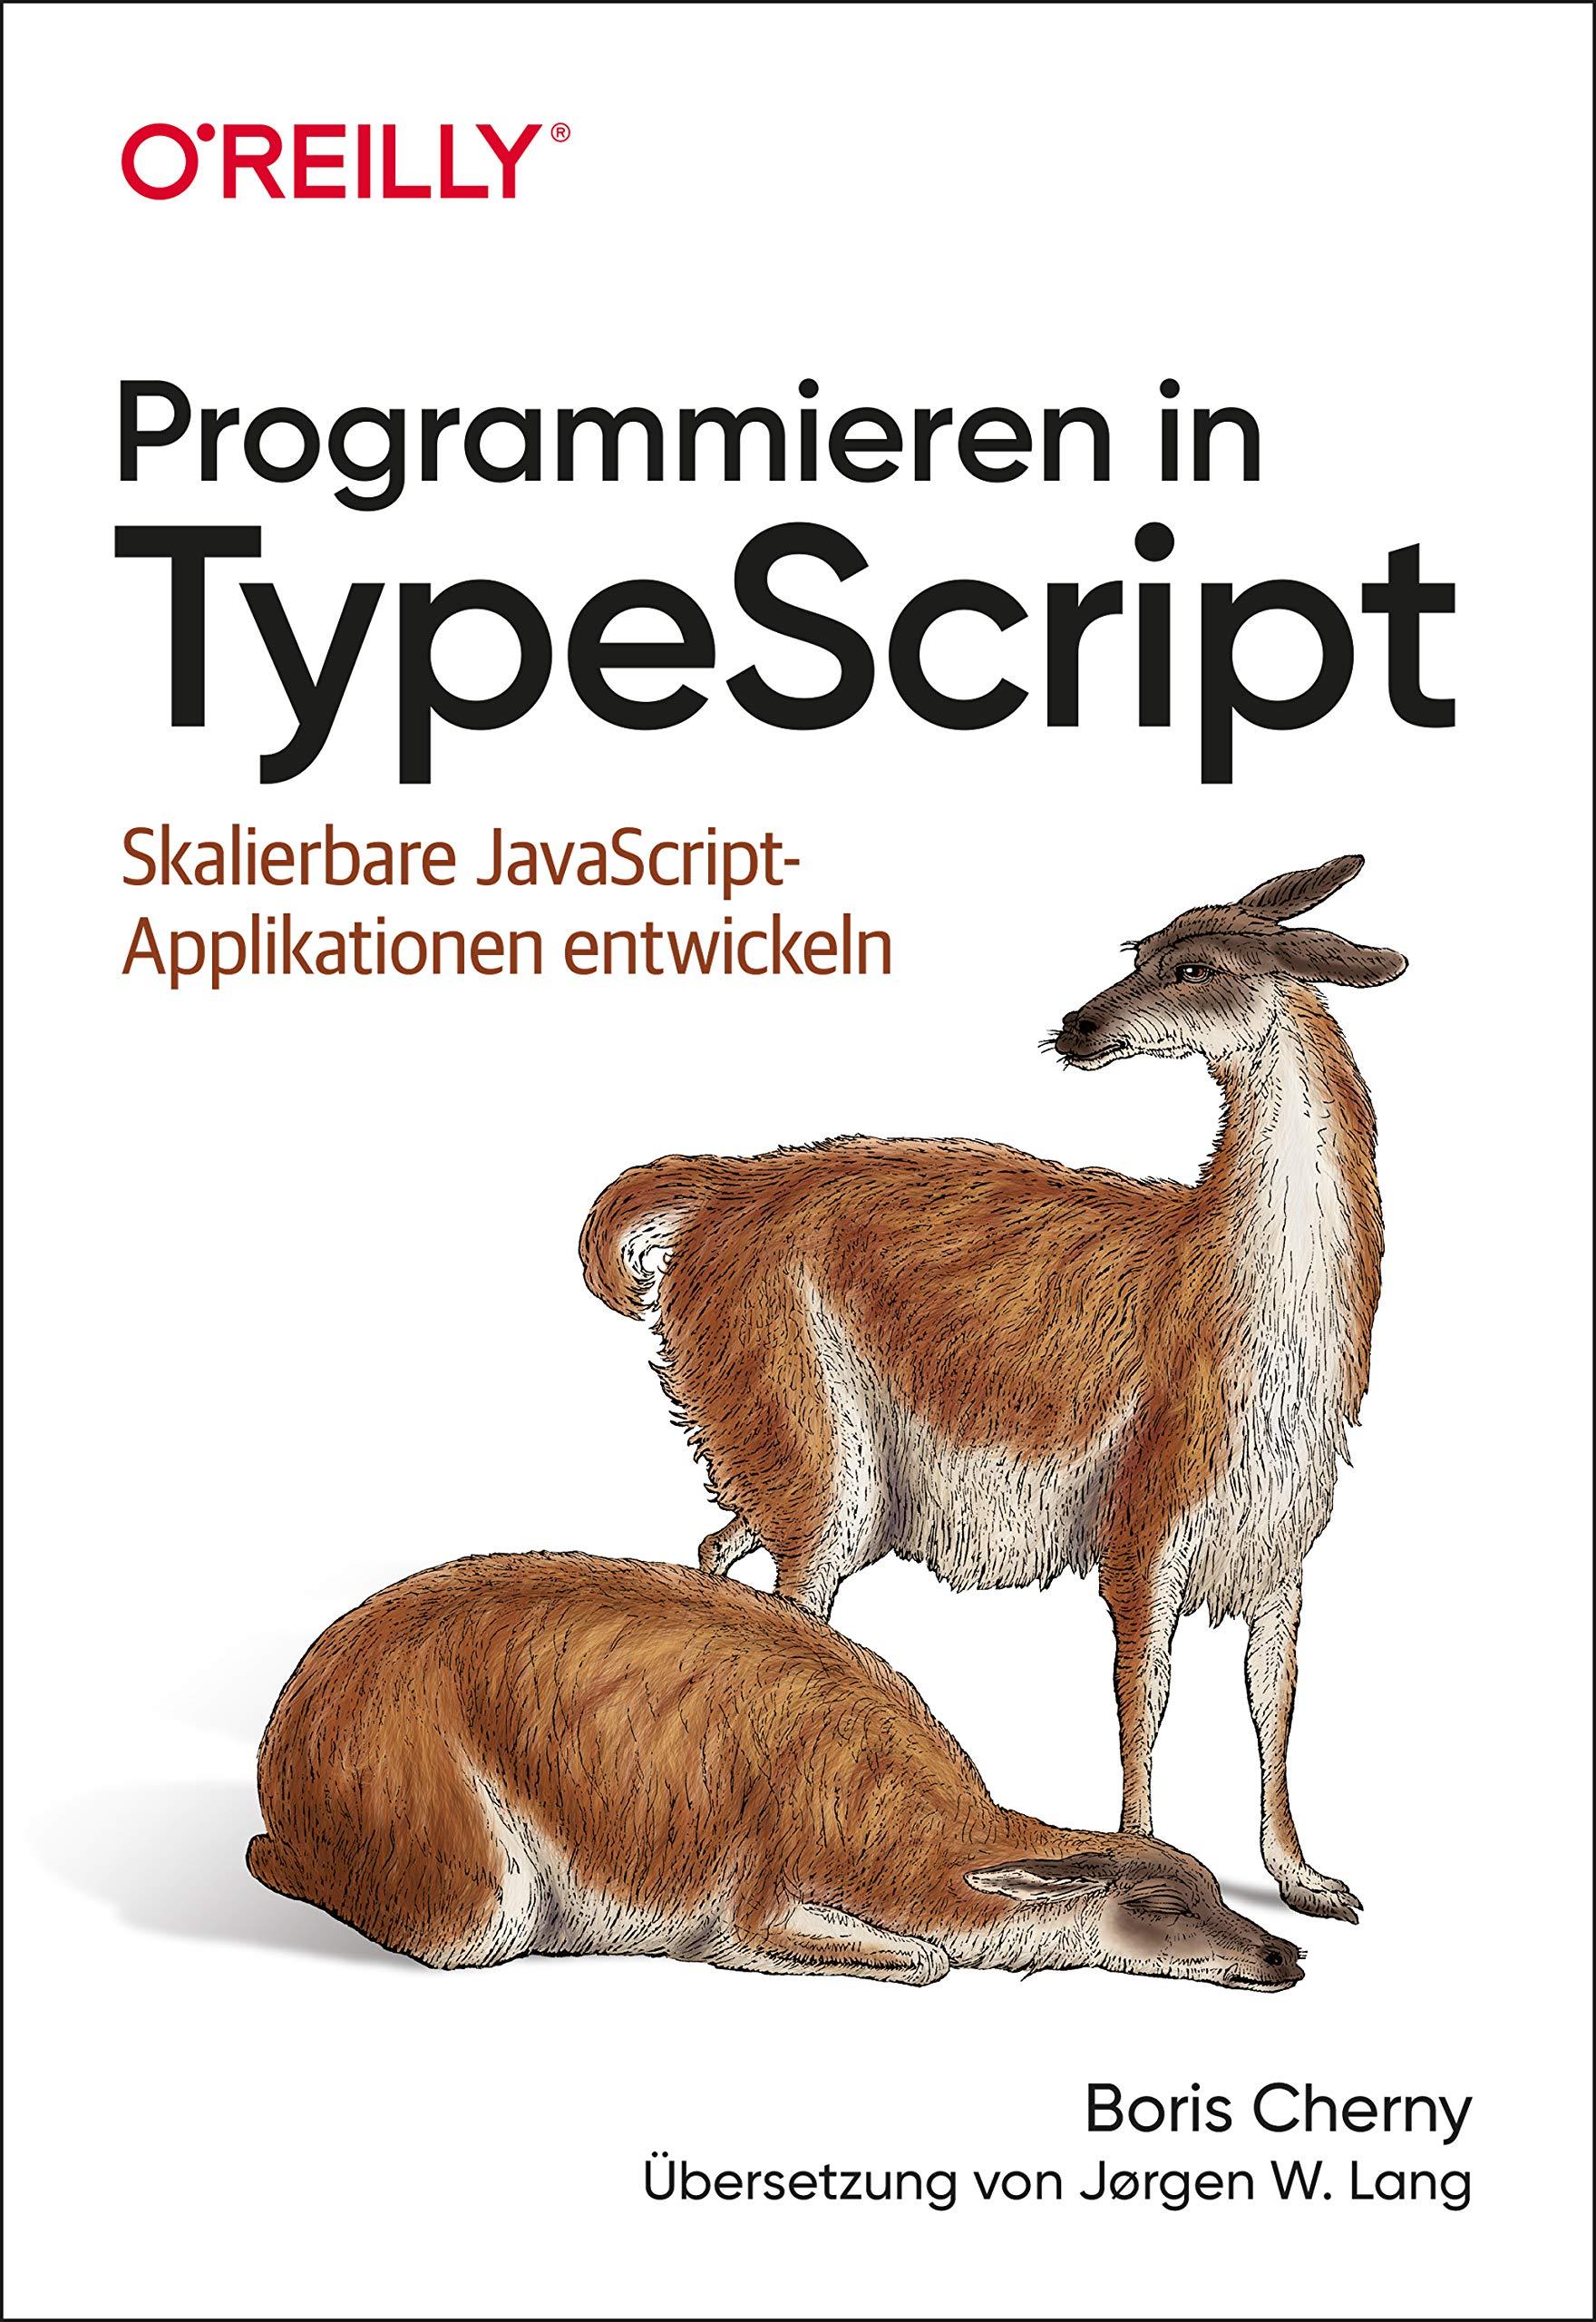 Programmieren in TypeScript: Skalierbare JavaScript-Applikationen entwickeln (Animals) (German Edition)